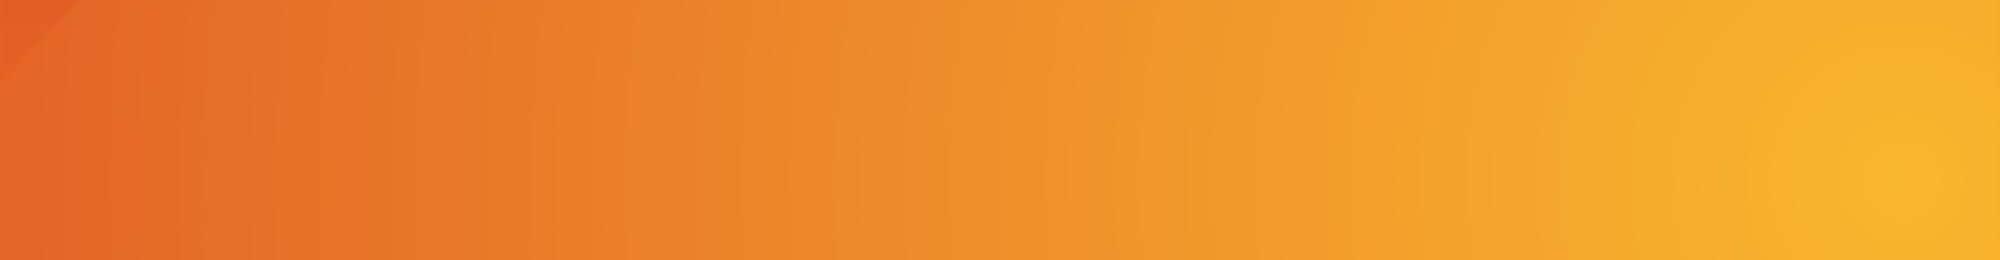 2018 SAS Forum China Orange background